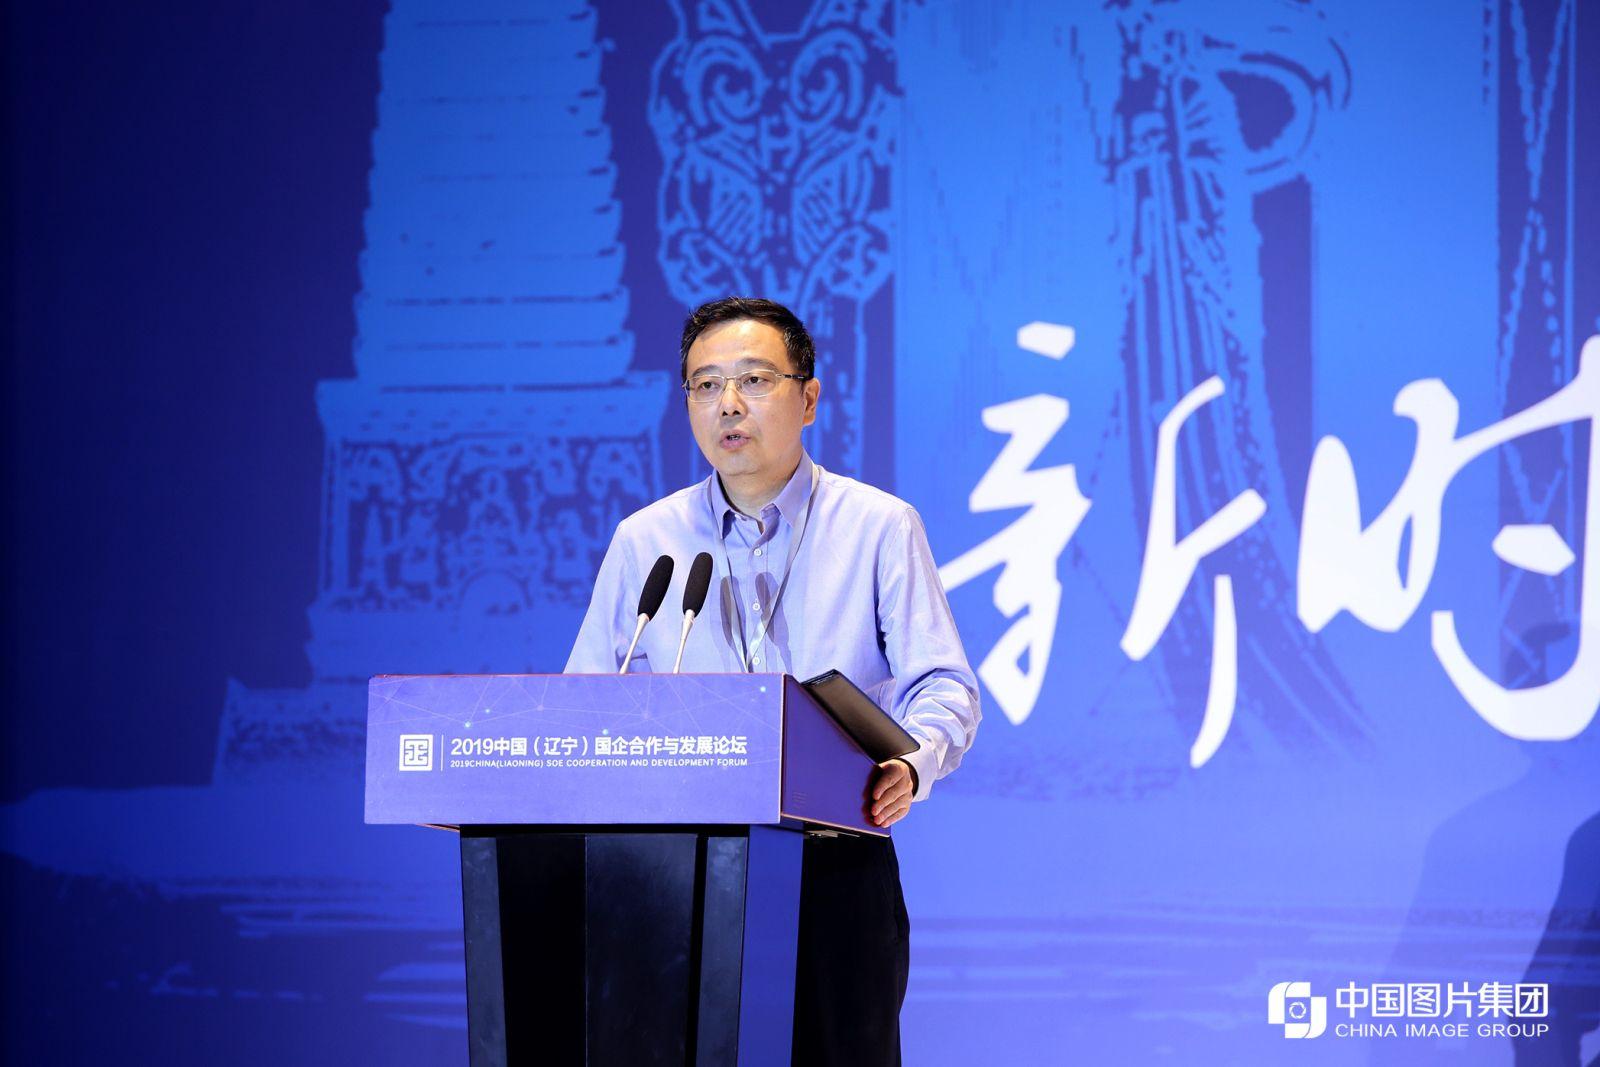 江西省水利投资集团董事长齐伟进行主题演讲。